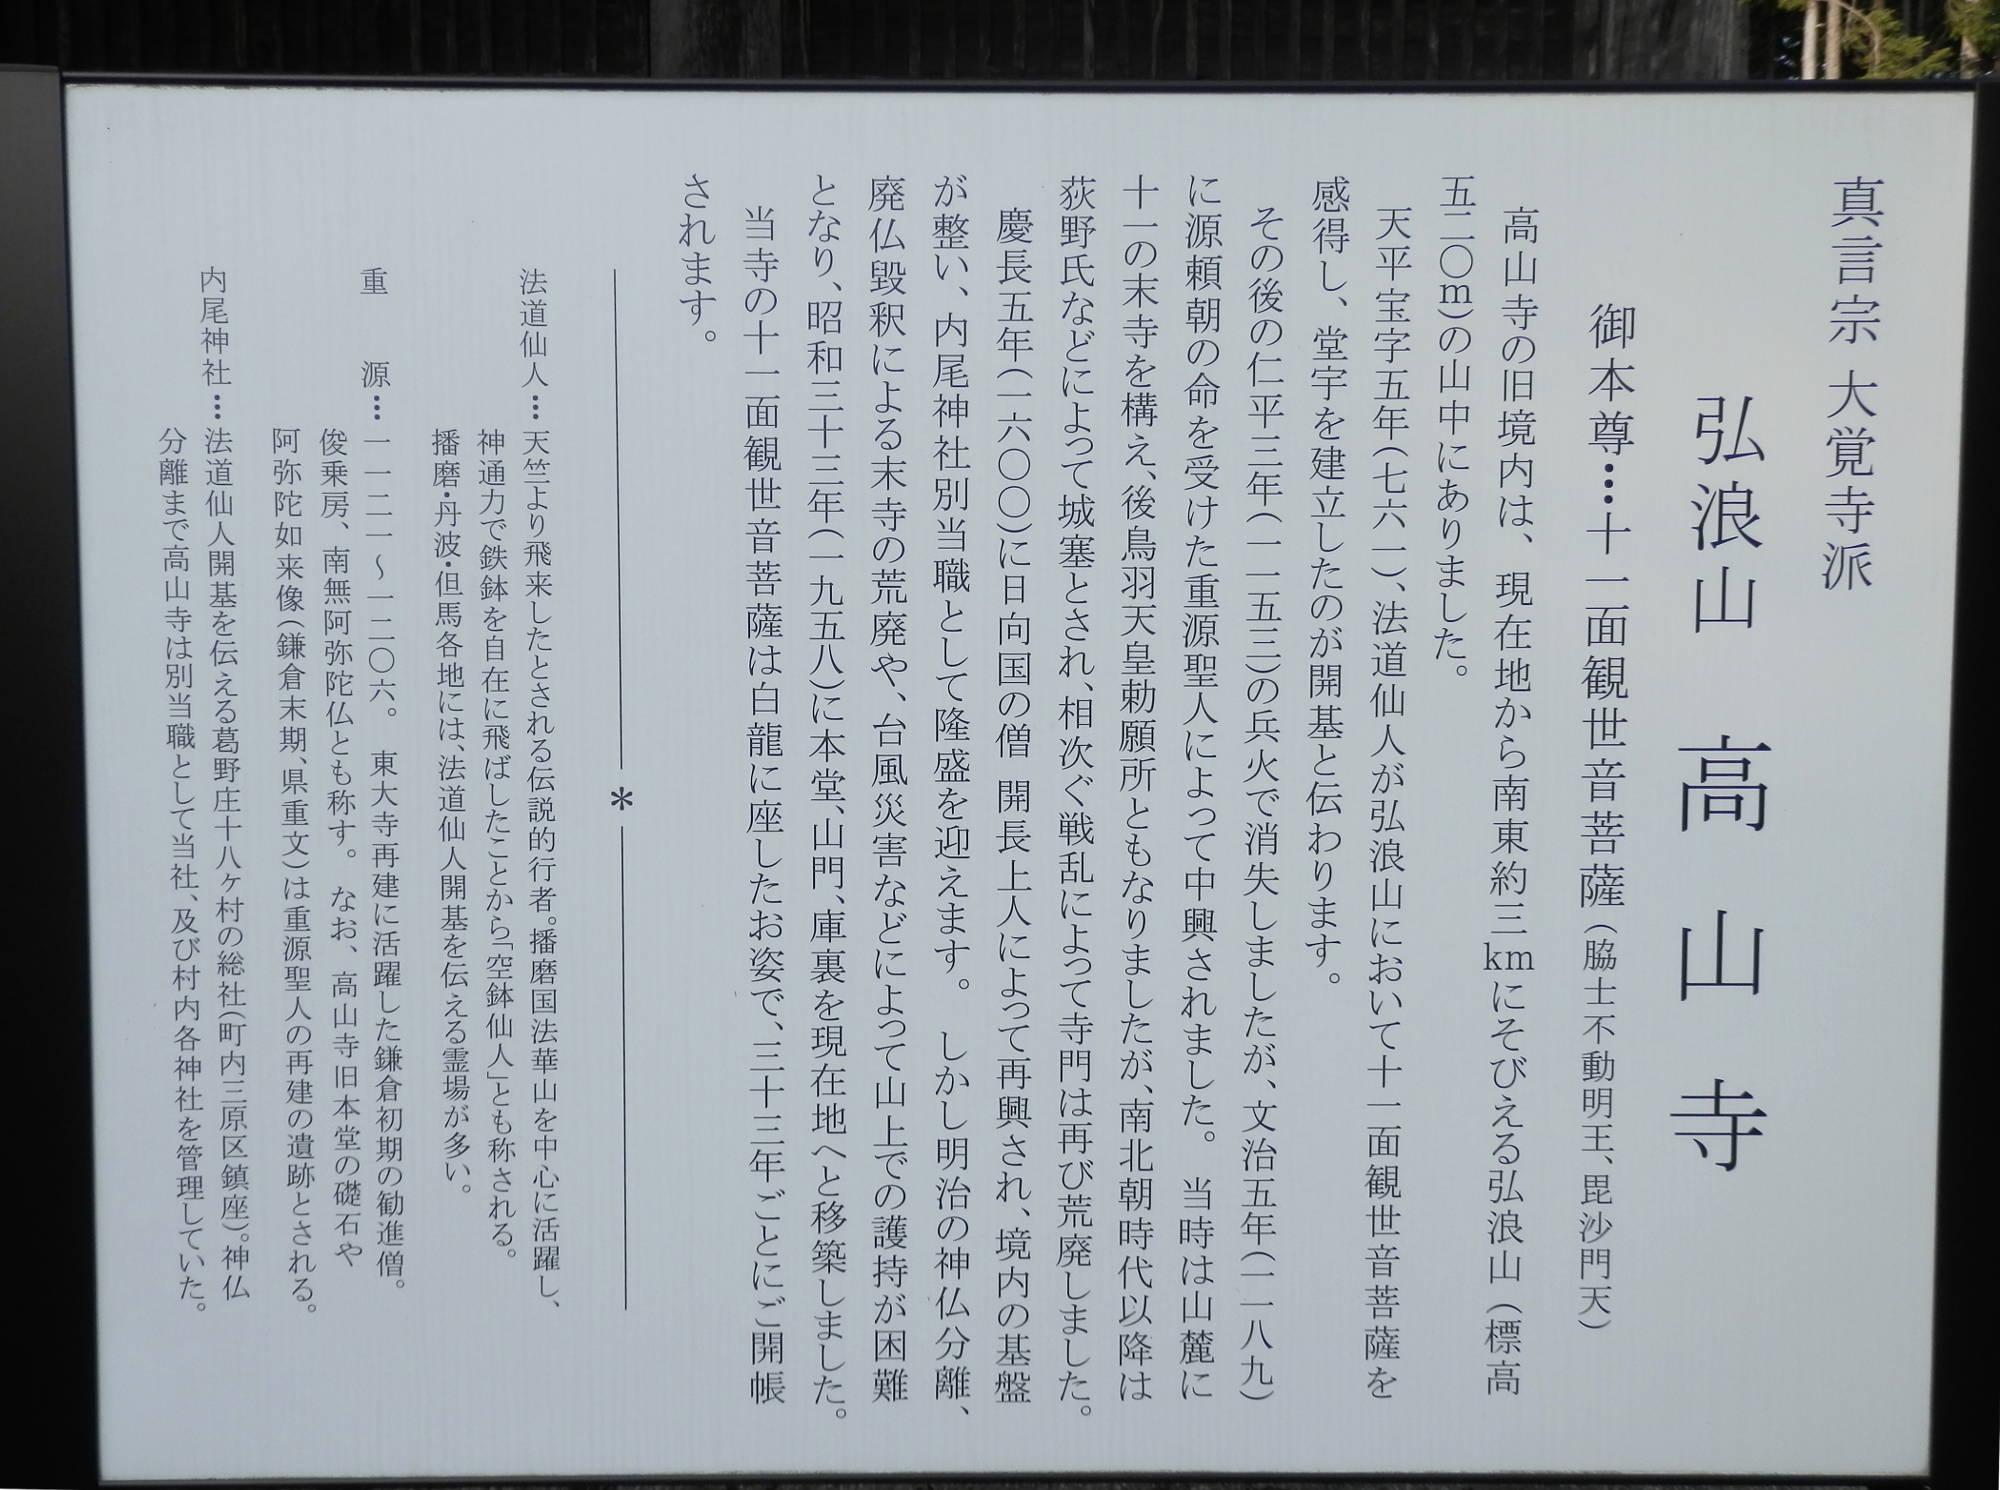 高山寺の由来